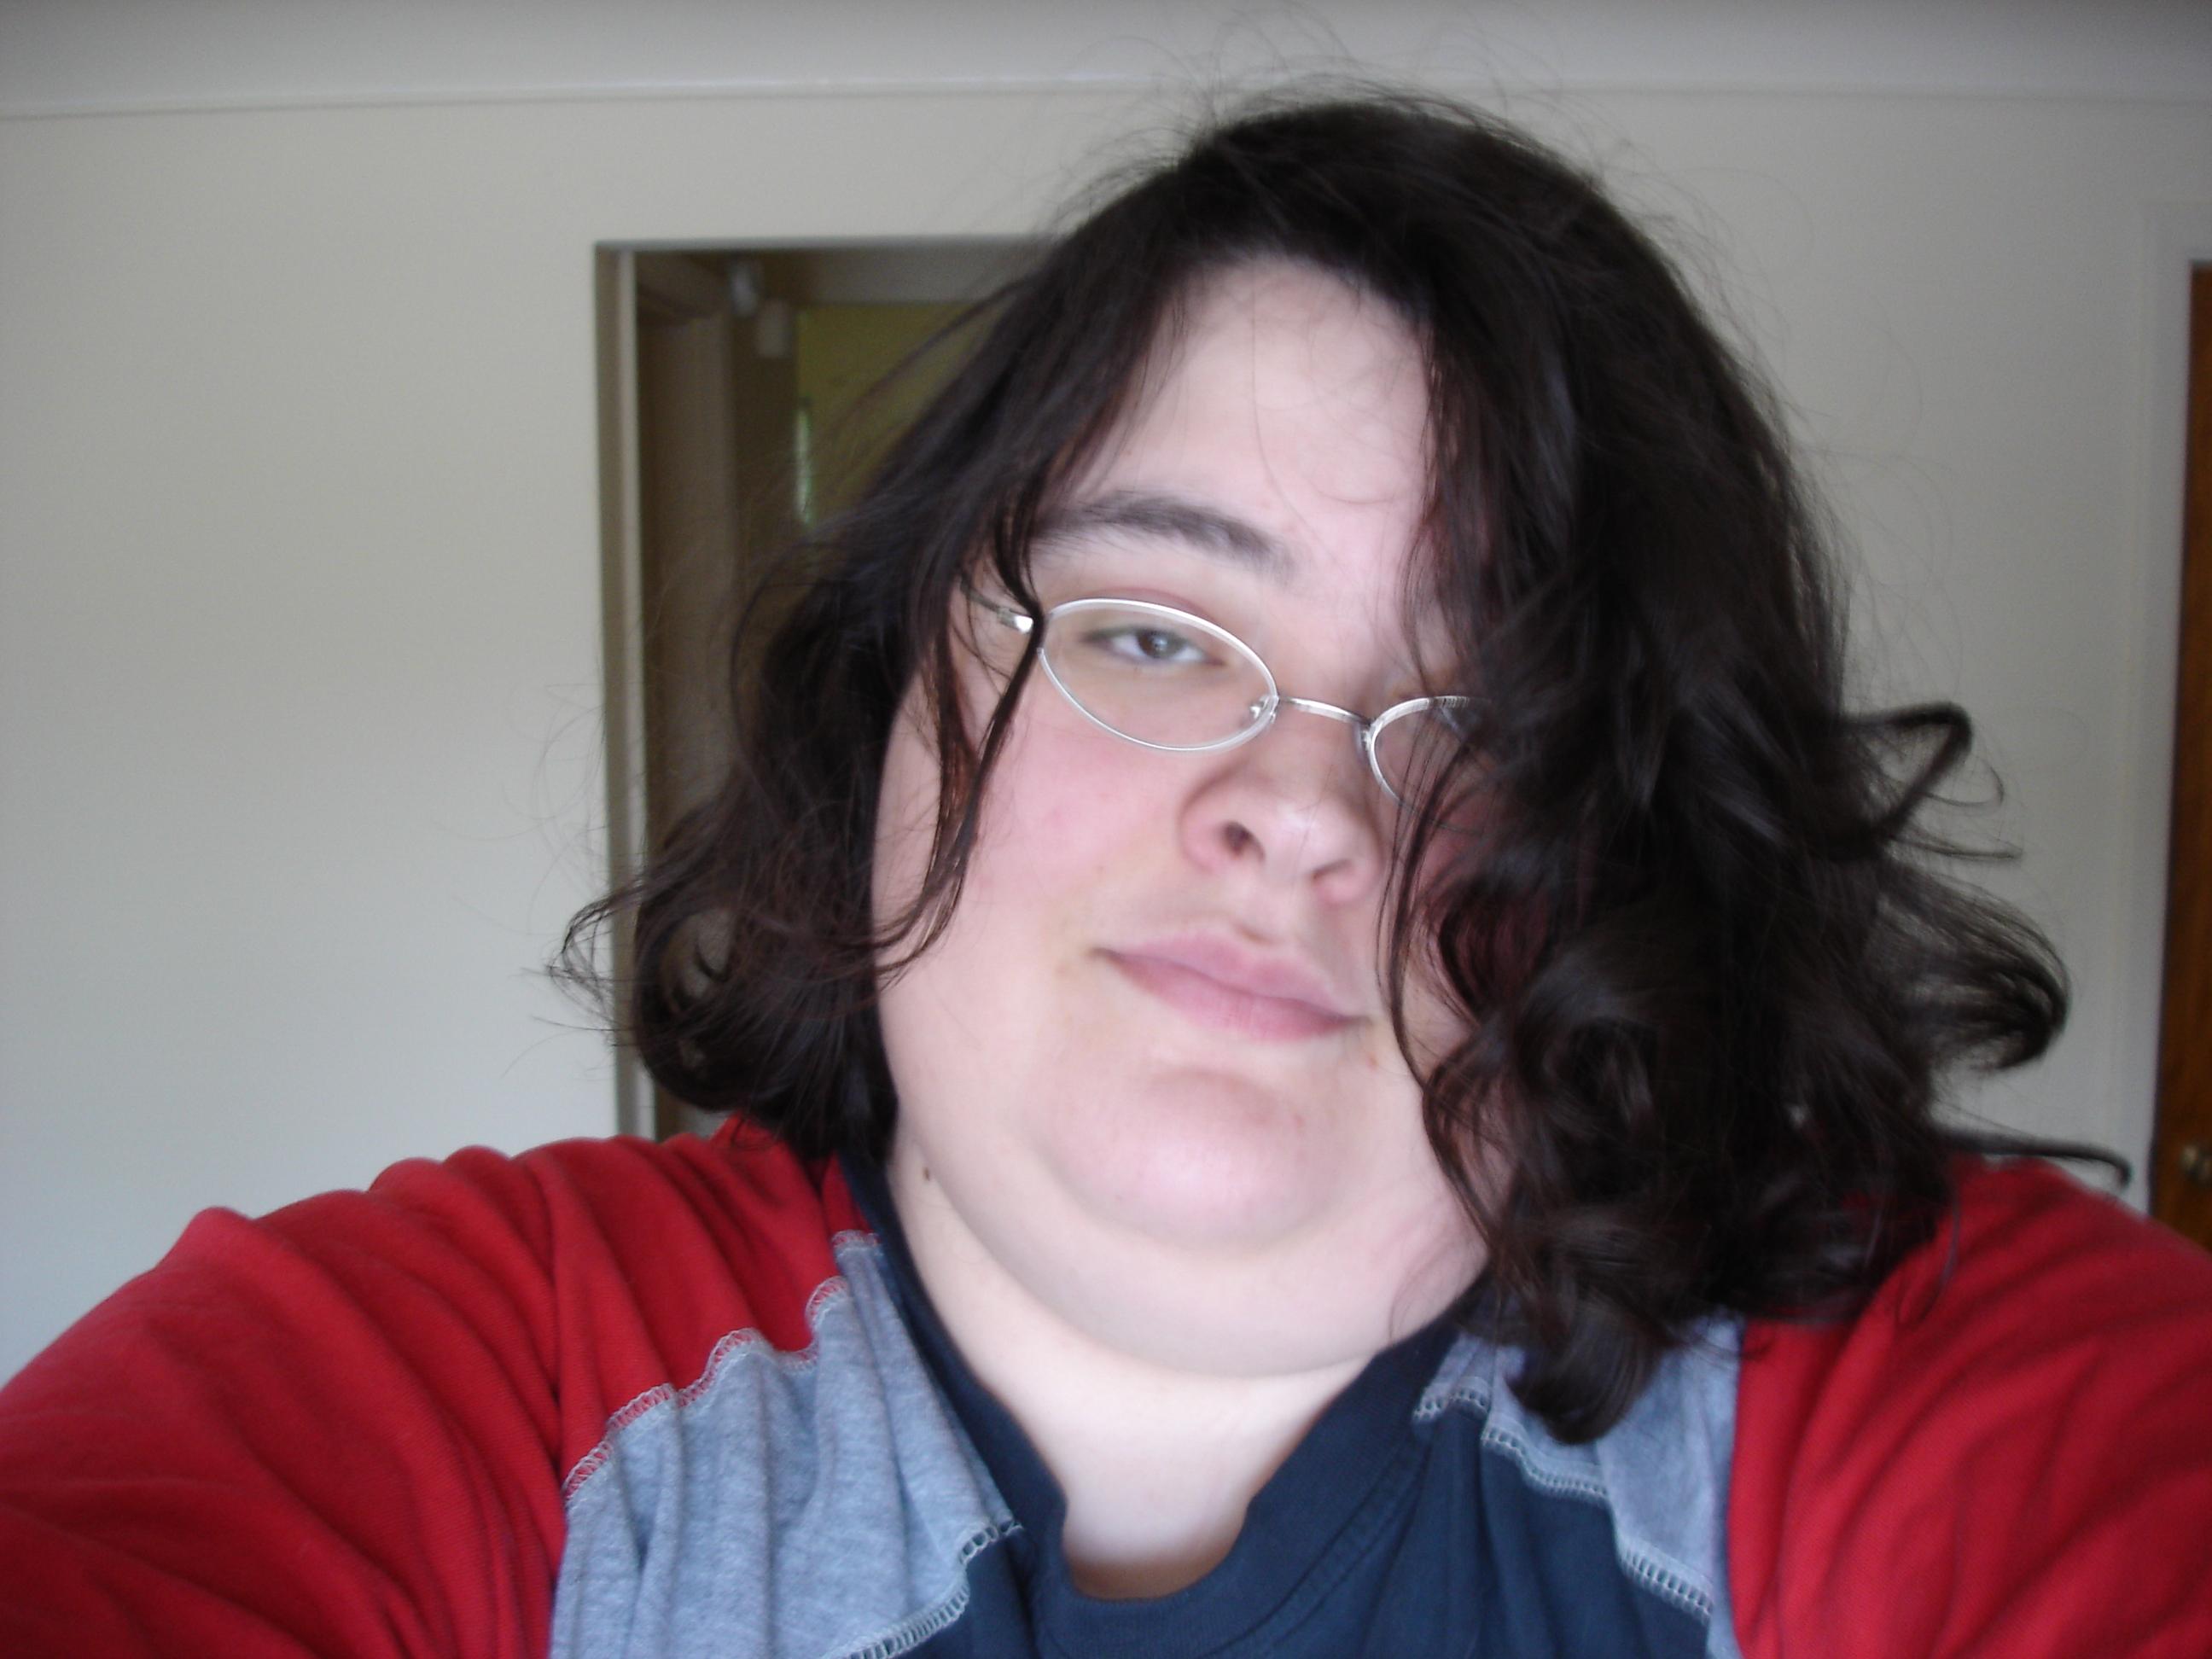 girl gamer Fat